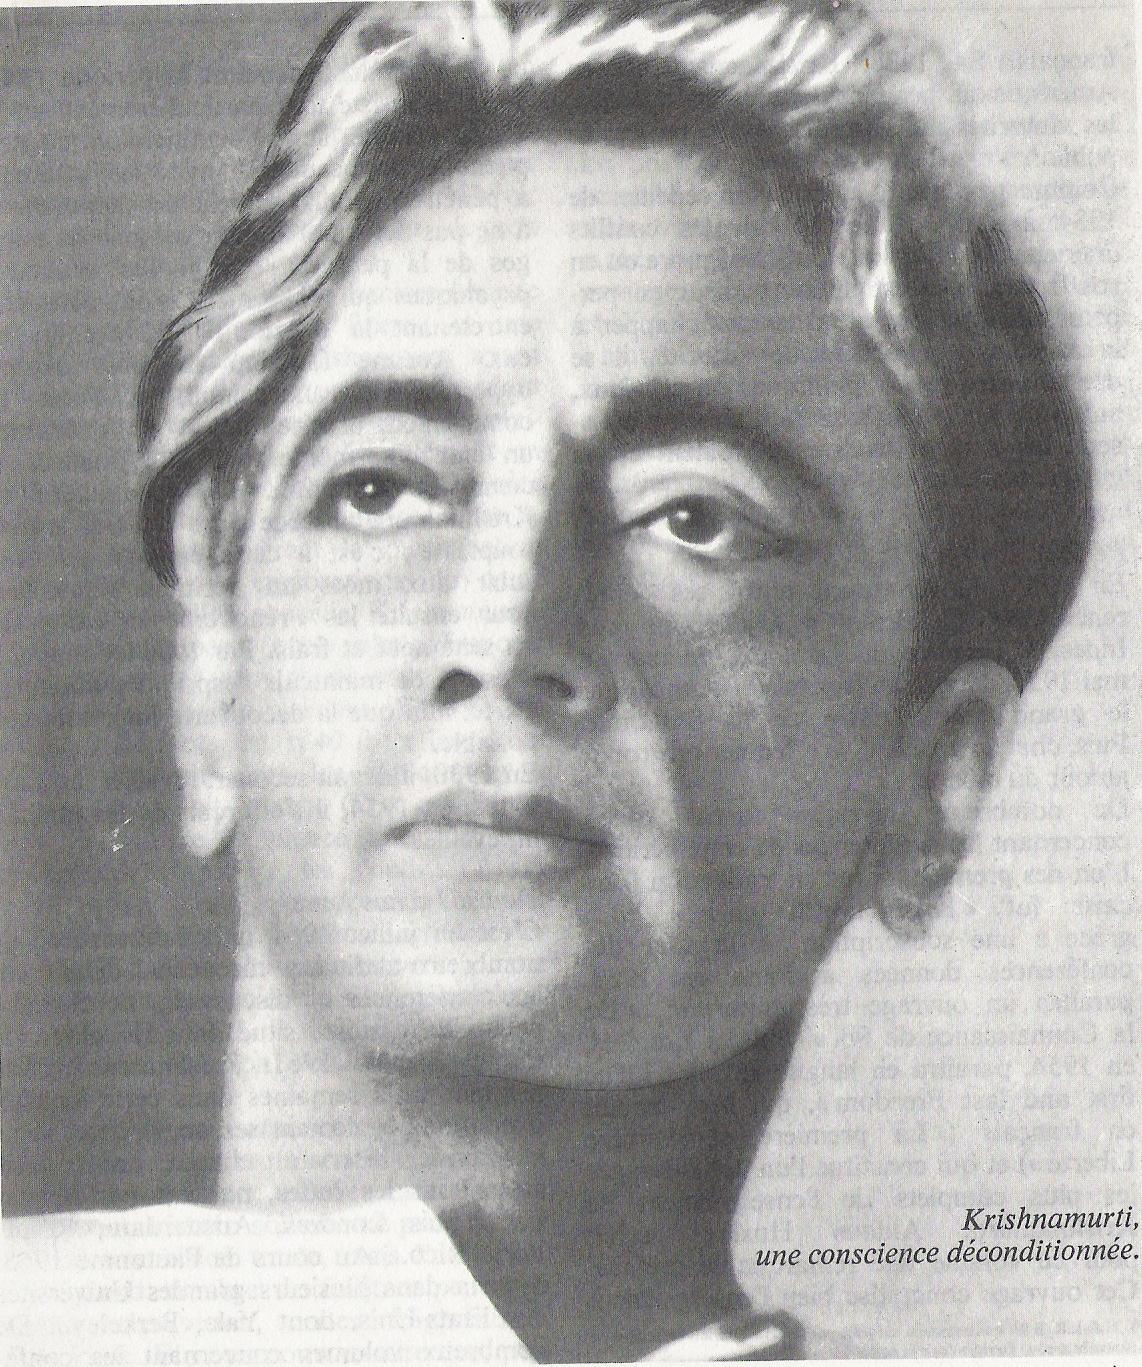 Krishnamurti une conscience déconditionnée